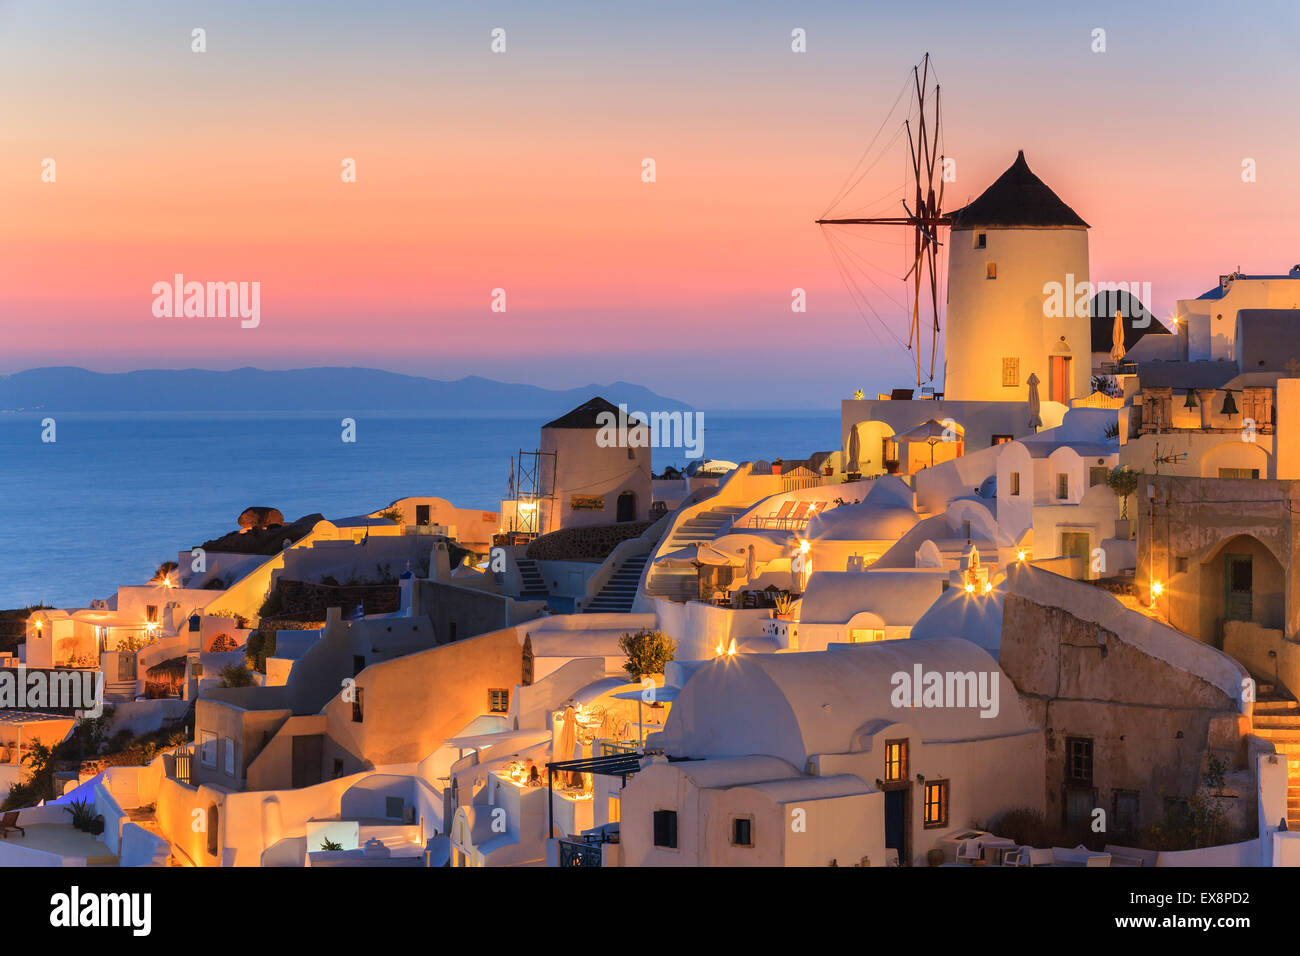 Die Stadt Oia während des Sonnenuntergangs auf Santorini, einer der Kykladen im Ägäischen Meer, Griechenland. Stockbild